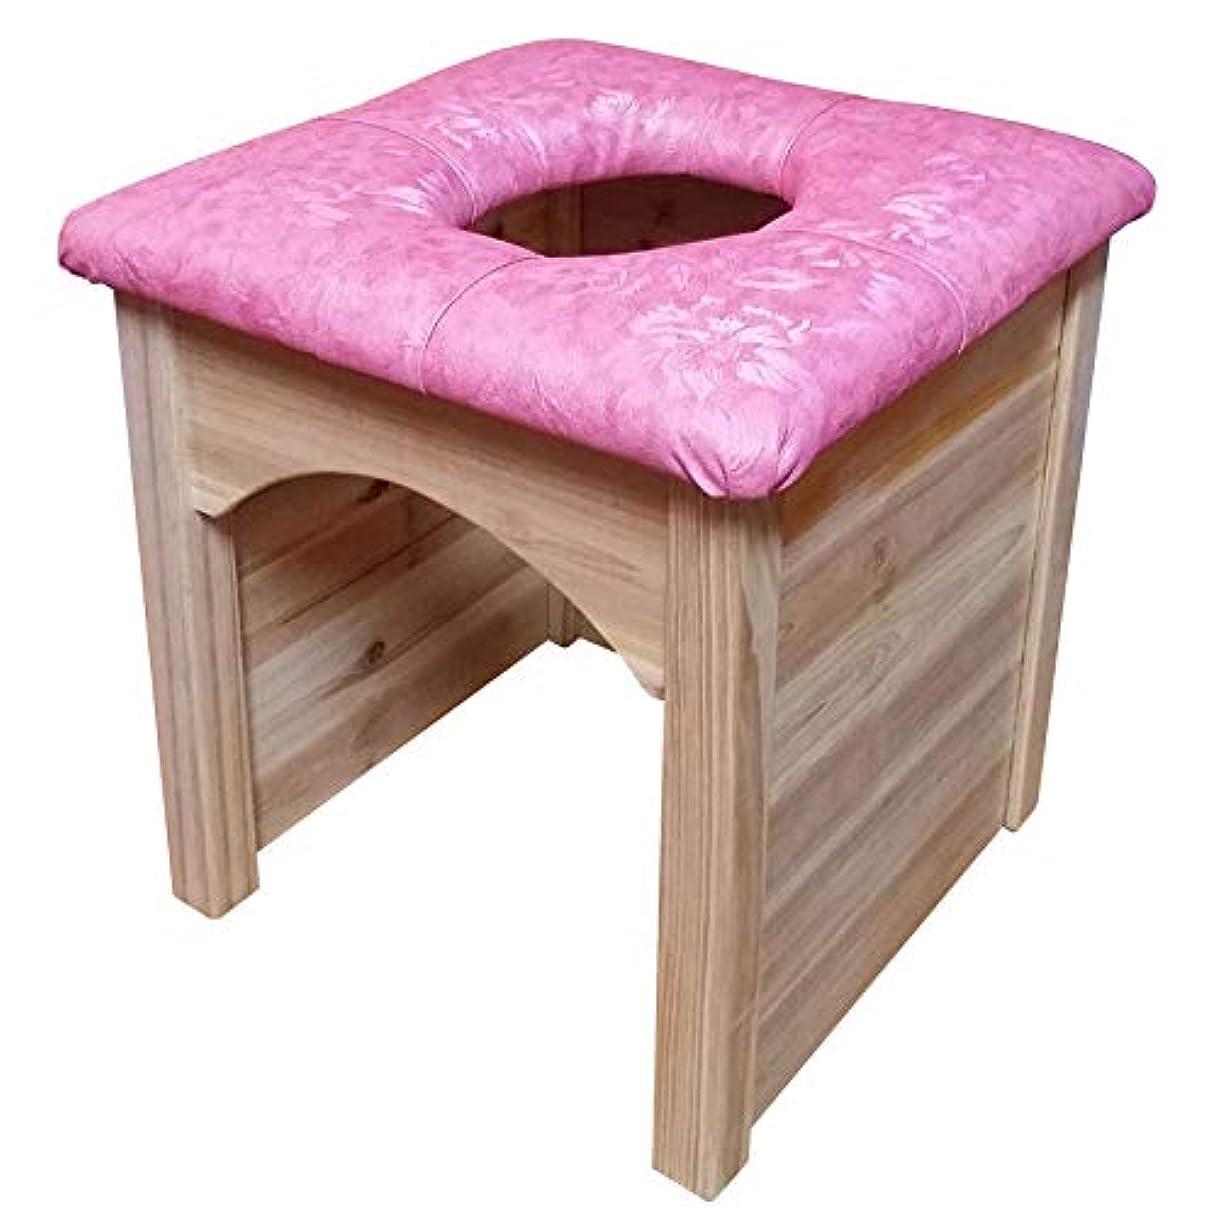 弱い内なる要件正品、、お勧めの、ヨモギ蒸し椅子セット、よもぎ蒸し椅子 単品